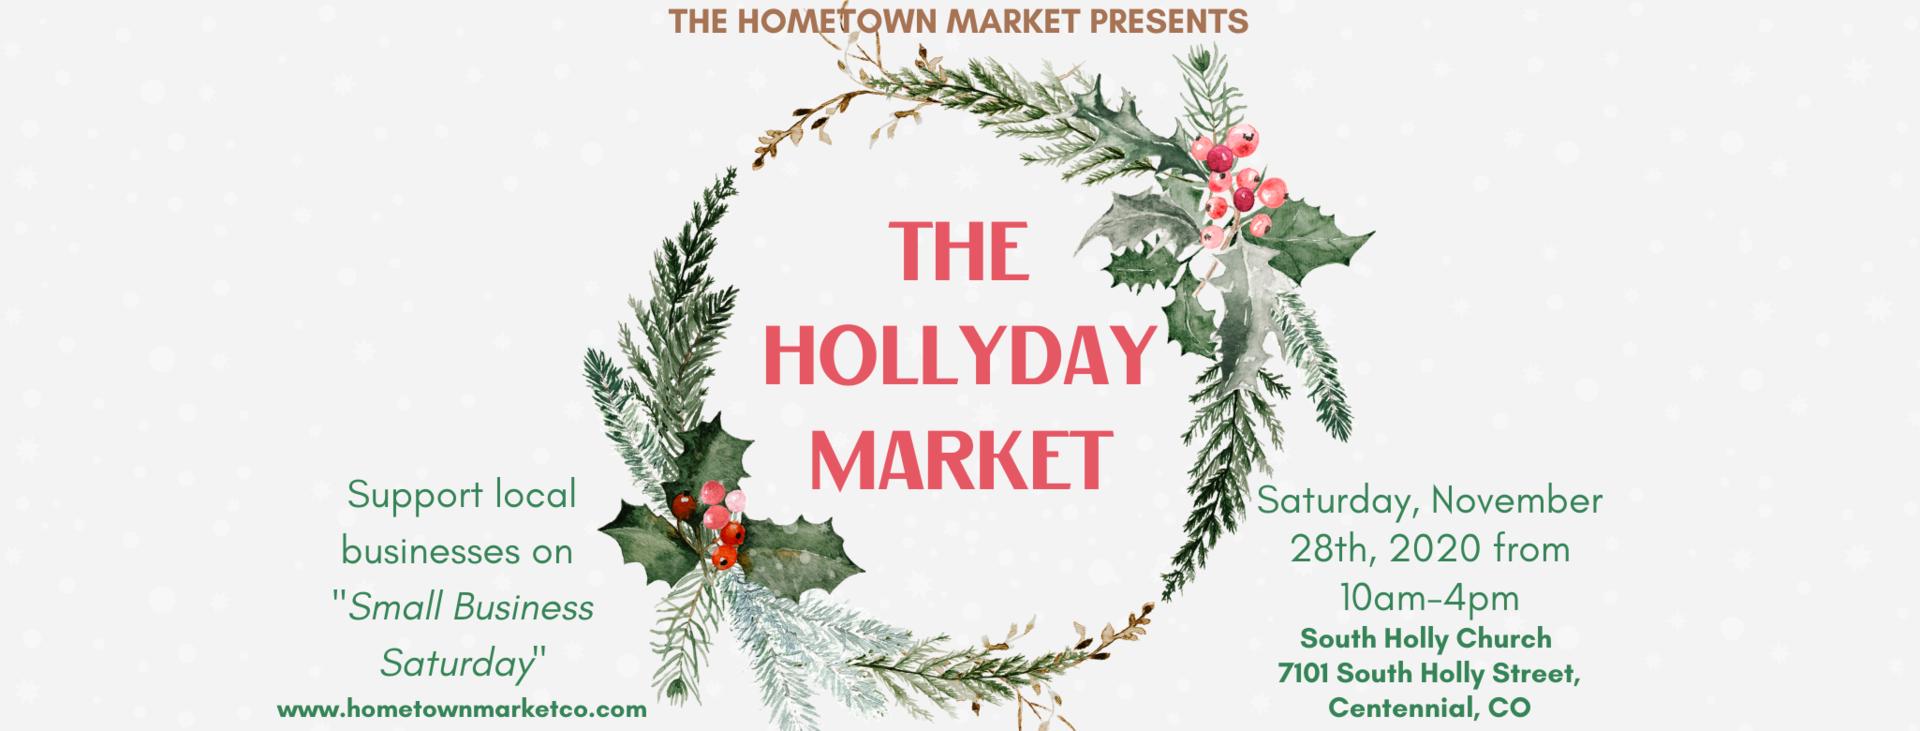 Elbert Christmas Bazaar 2020 News and information in and around the Elbert County area